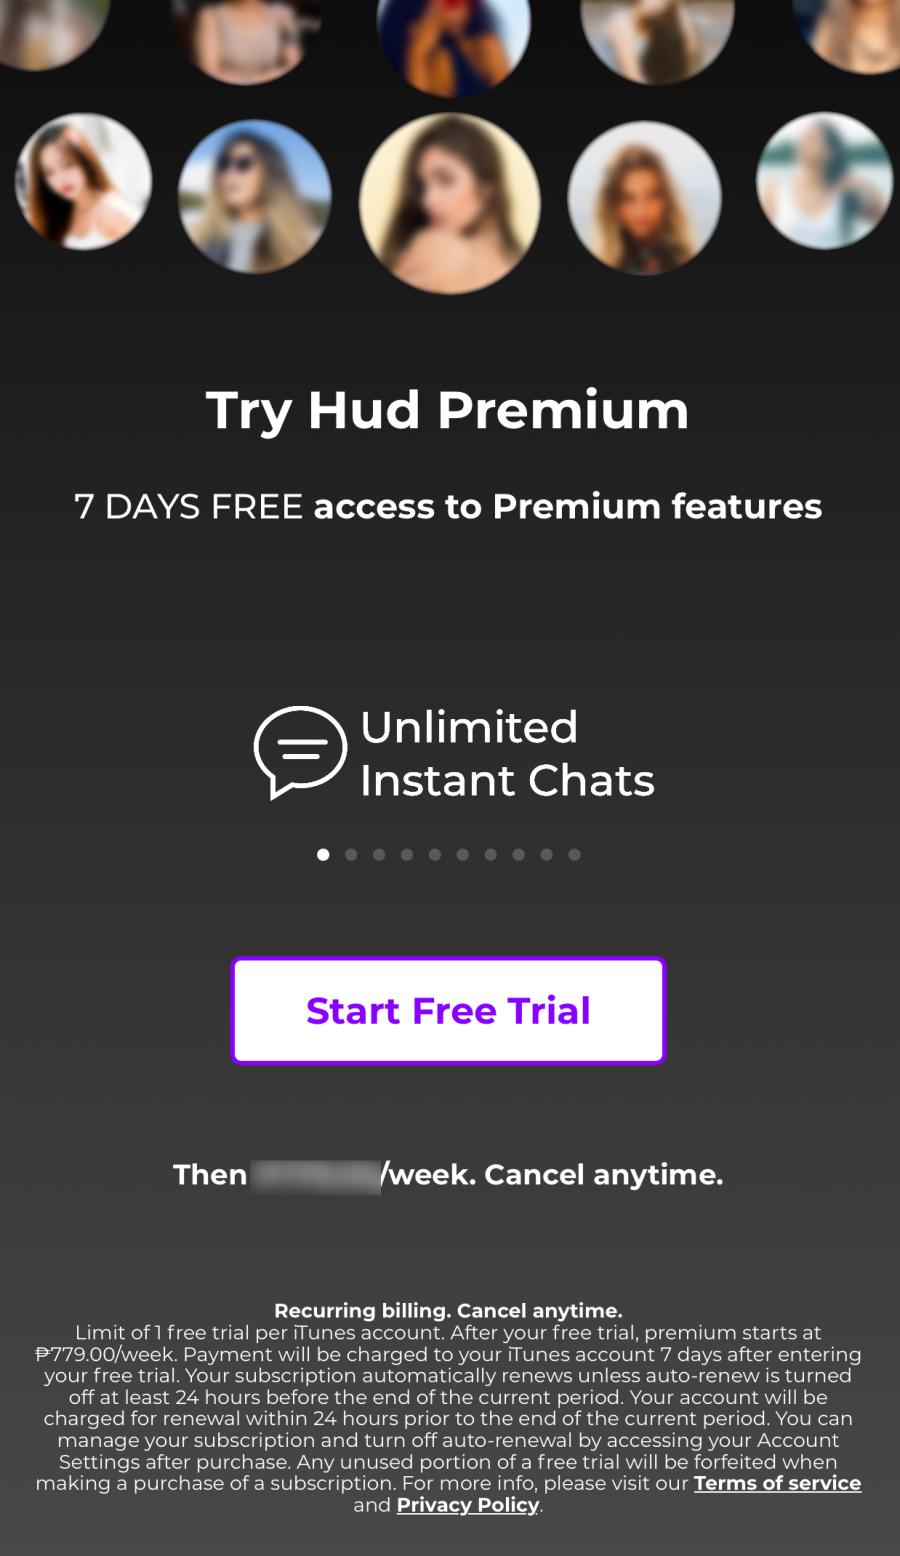 HudApp Premium Trial